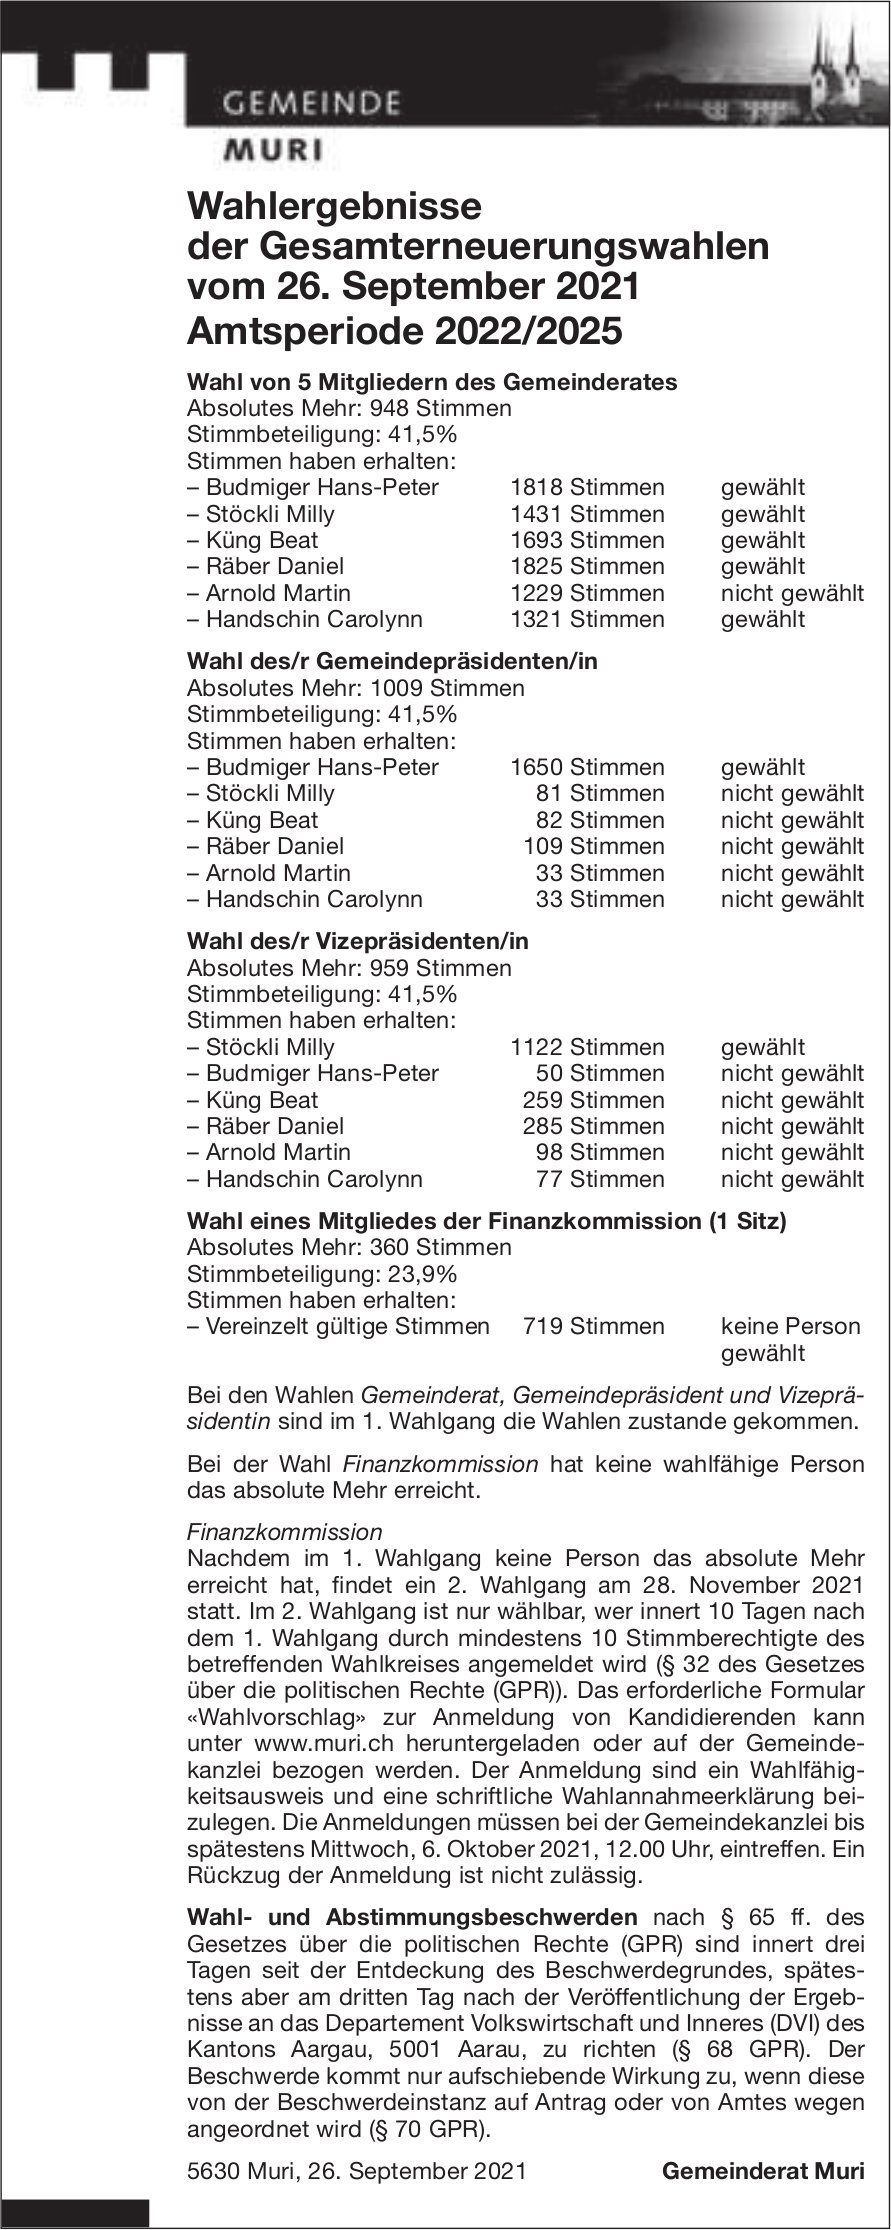 Gemeinde Muri -  Wahlergebnisse der Gesamterneuerungswahlen